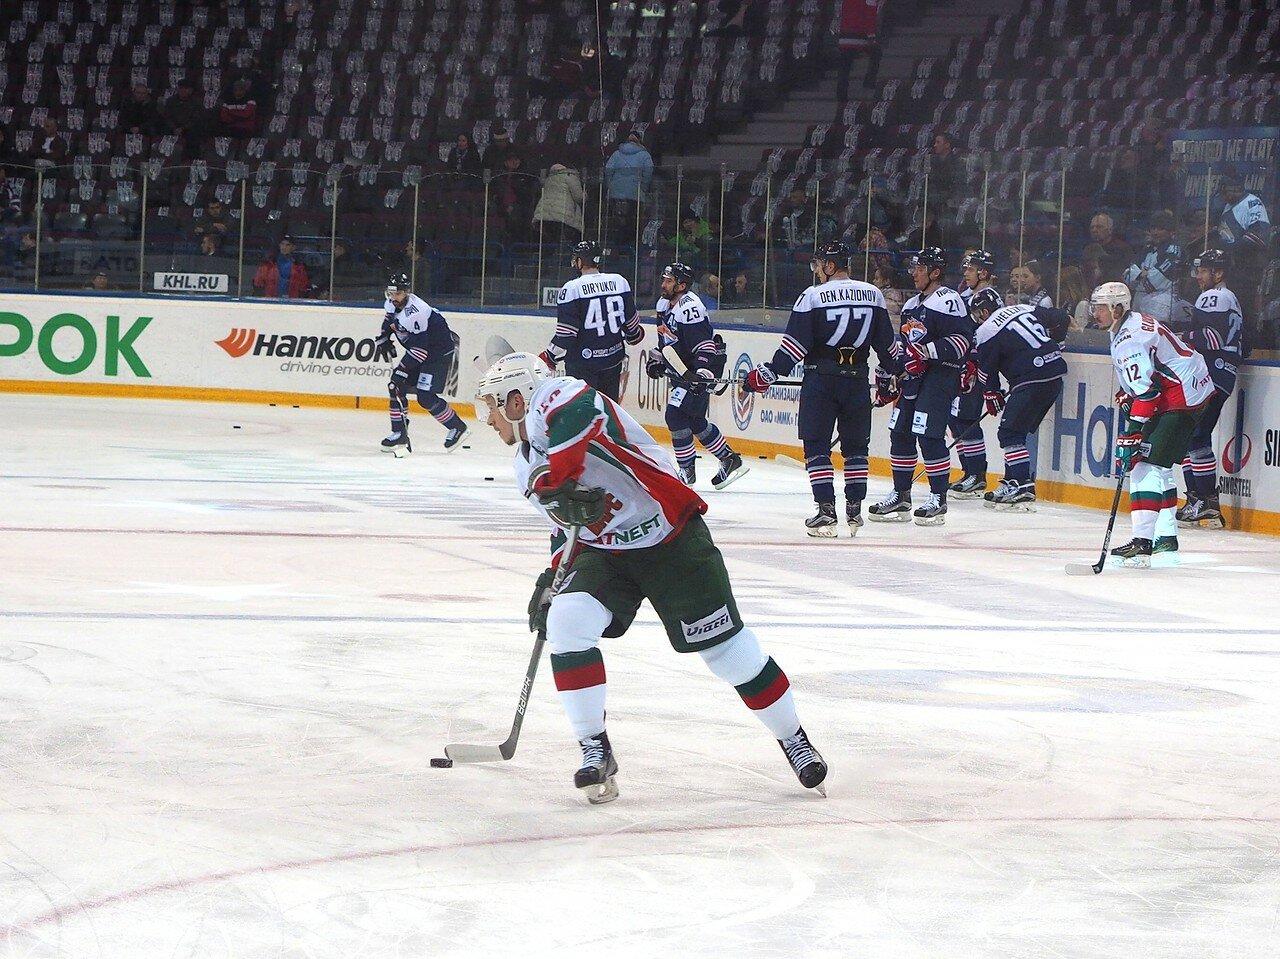 16 Первая игра финала плей-офф восточной конференции 2017 Металлург - АкБарс 24.03.2017